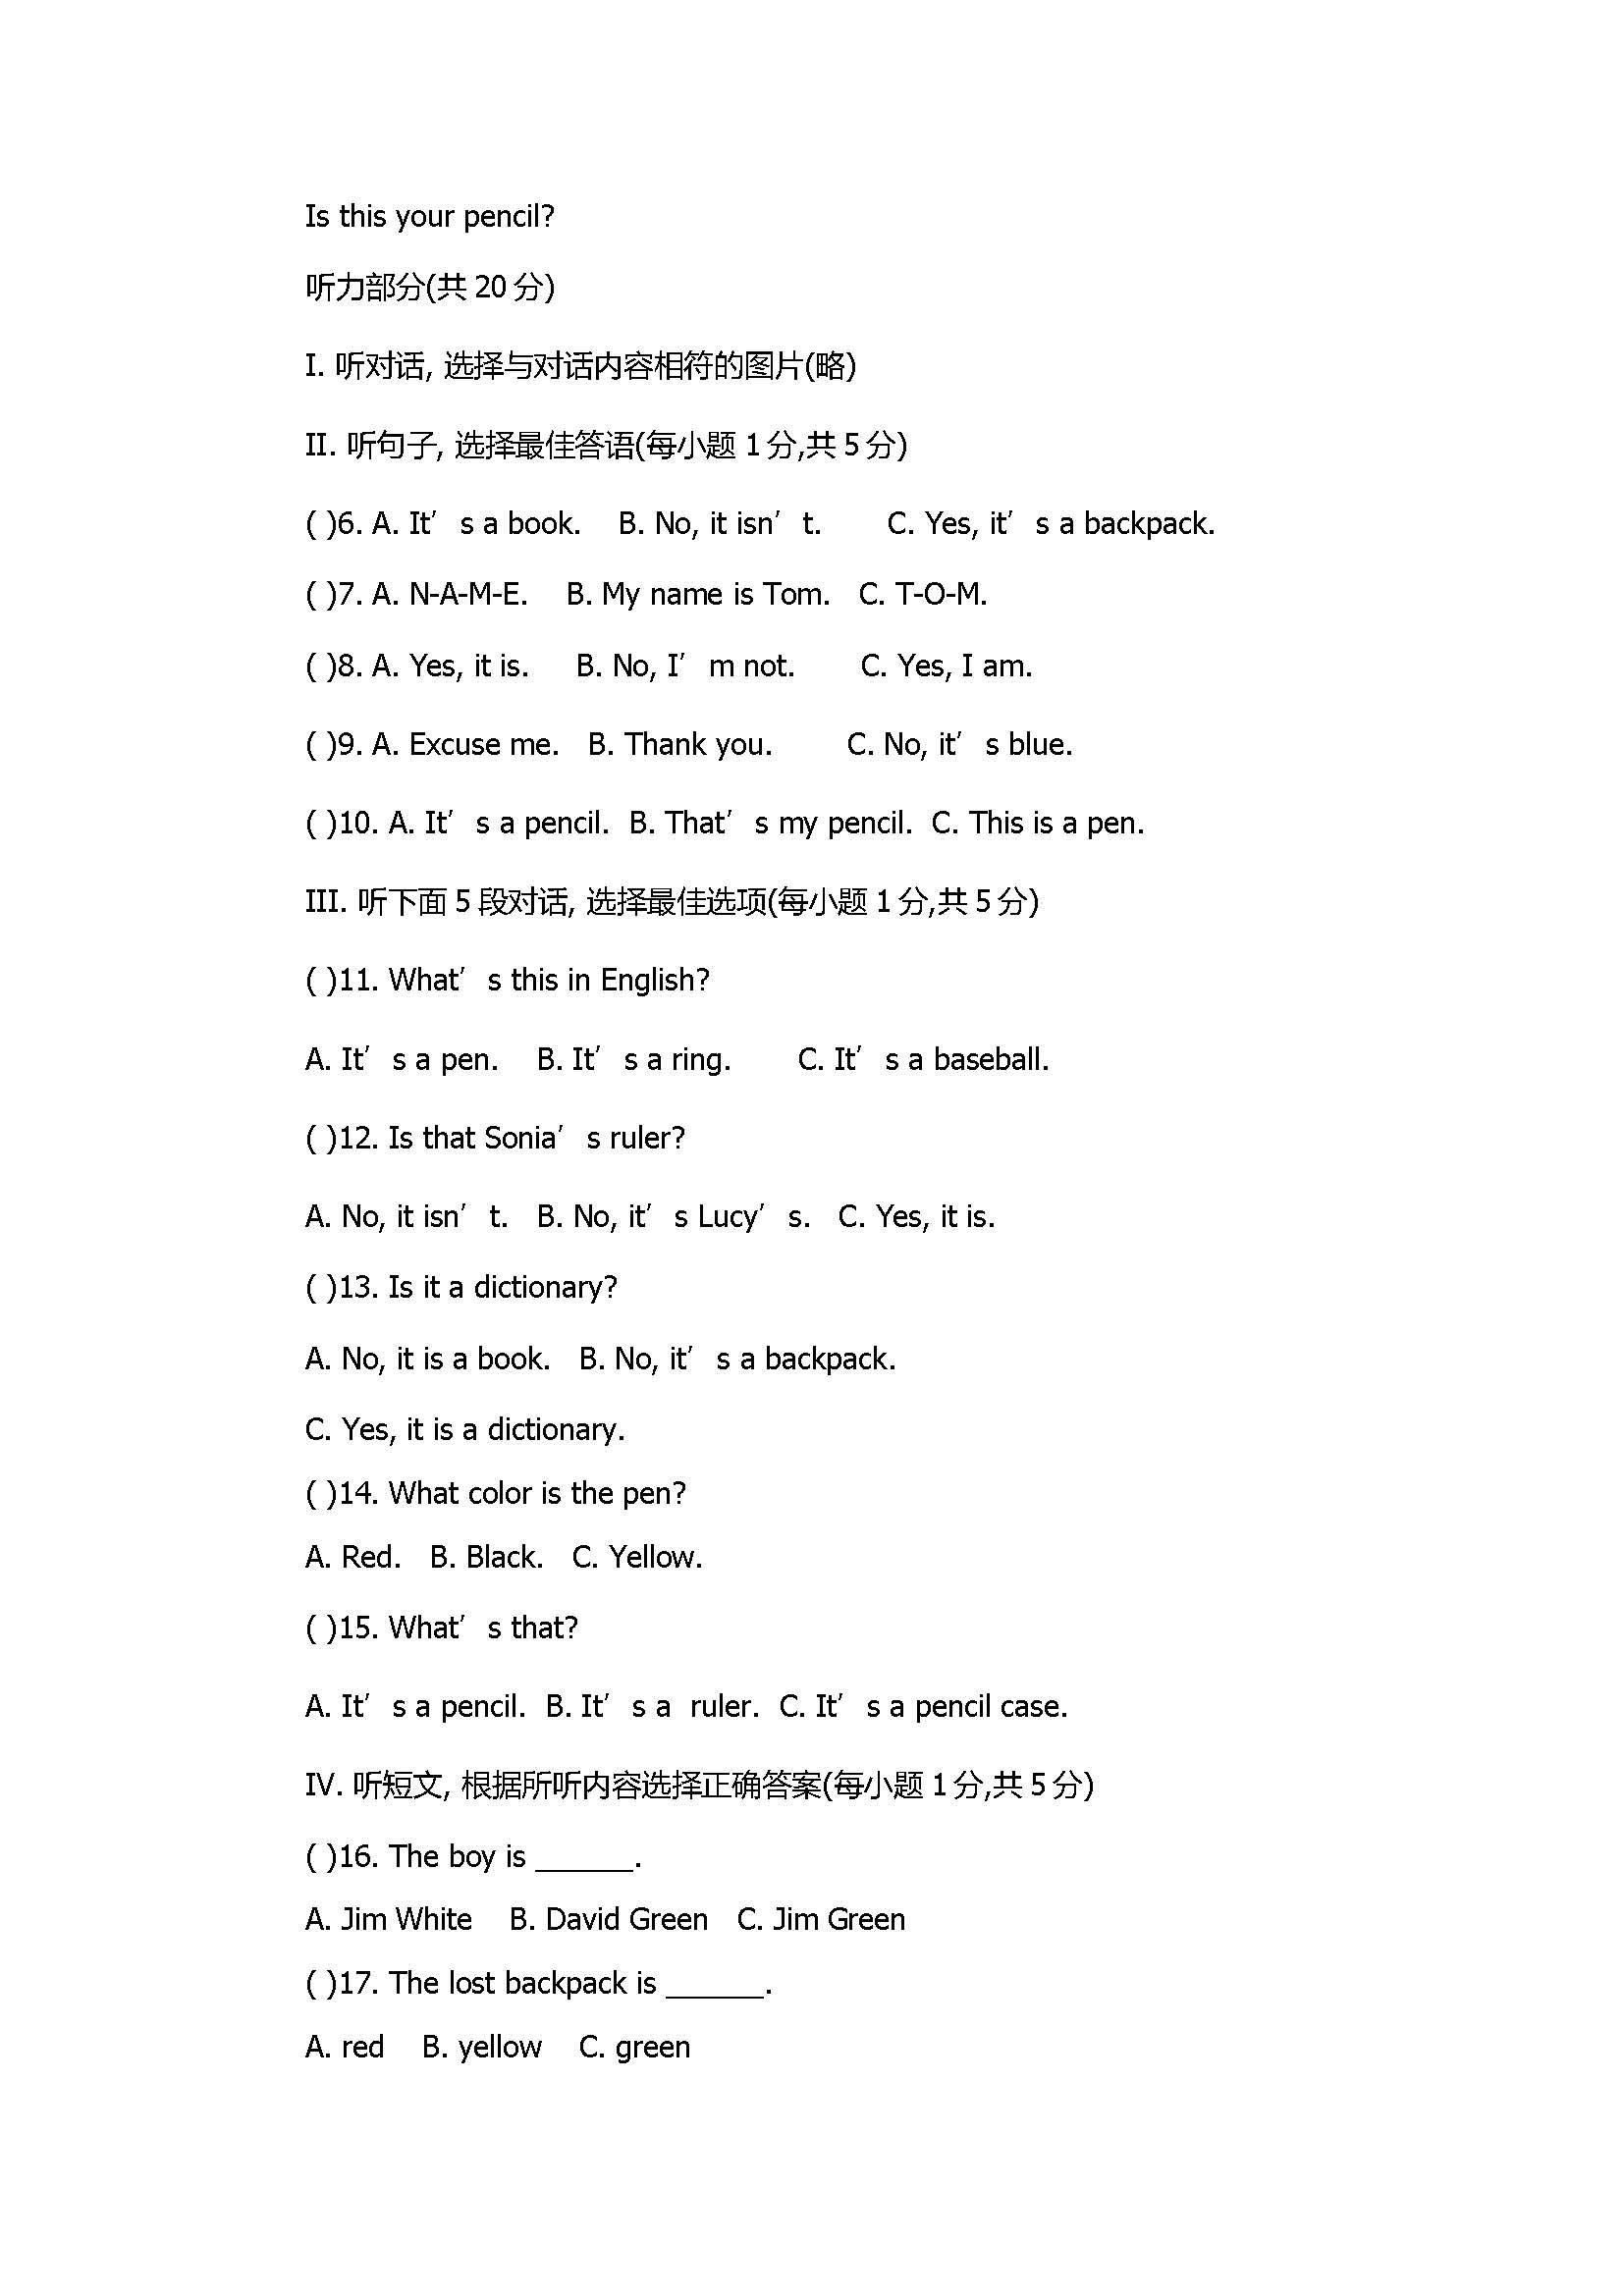 2017七年级英语上册同步单元测试题(带参考答案)